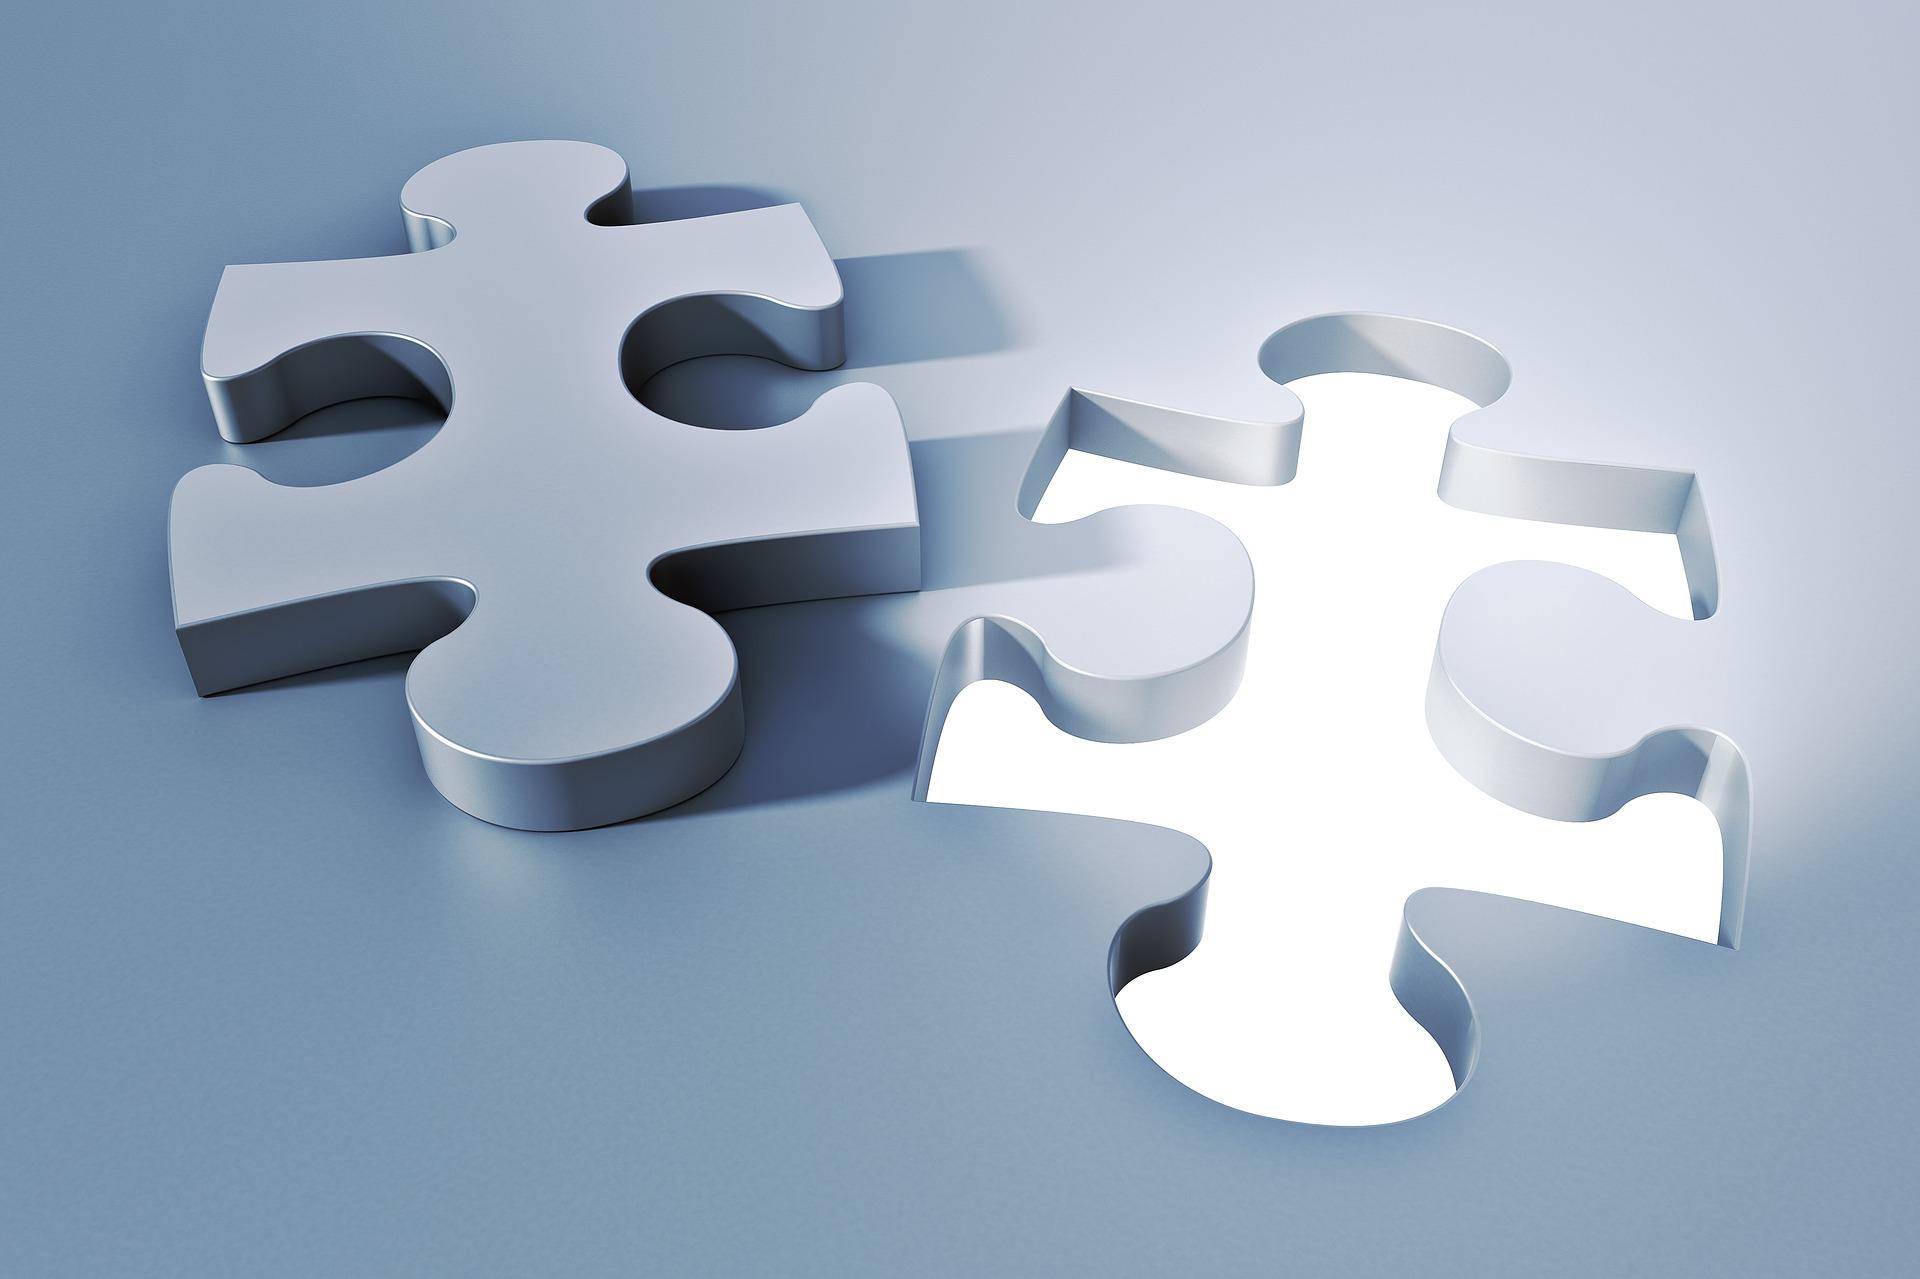 puzzle-2692245_1920.jpg